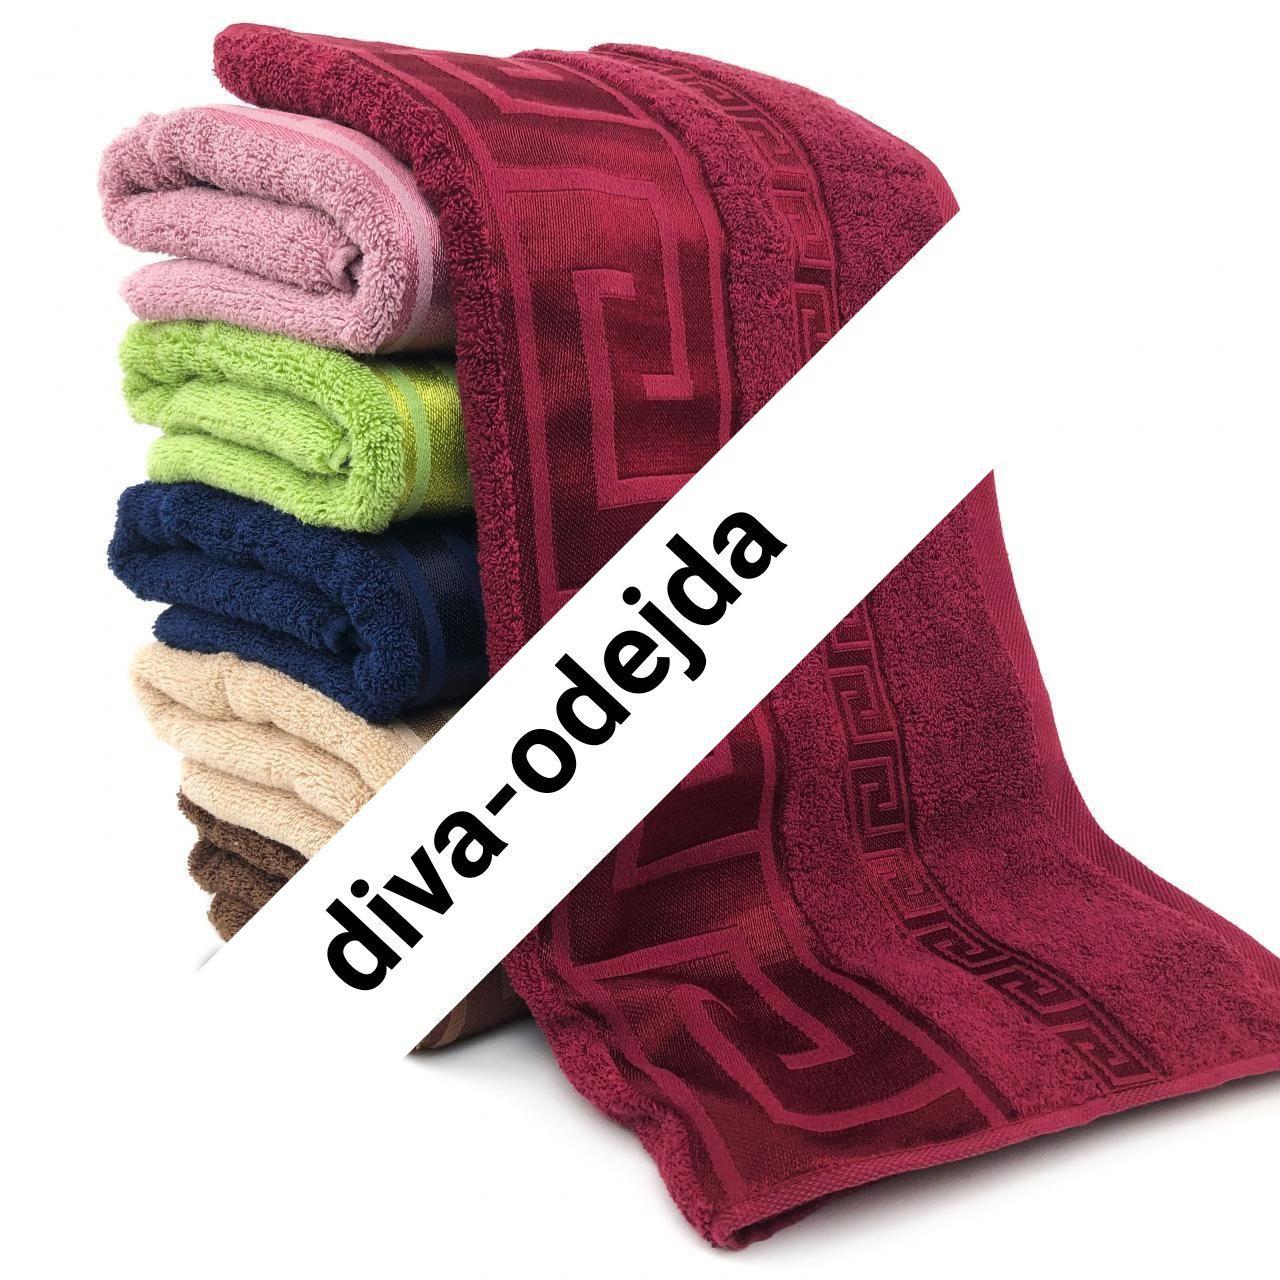 Яркое и стильное полотенце для кухни.Размер :0,35 x 0,75